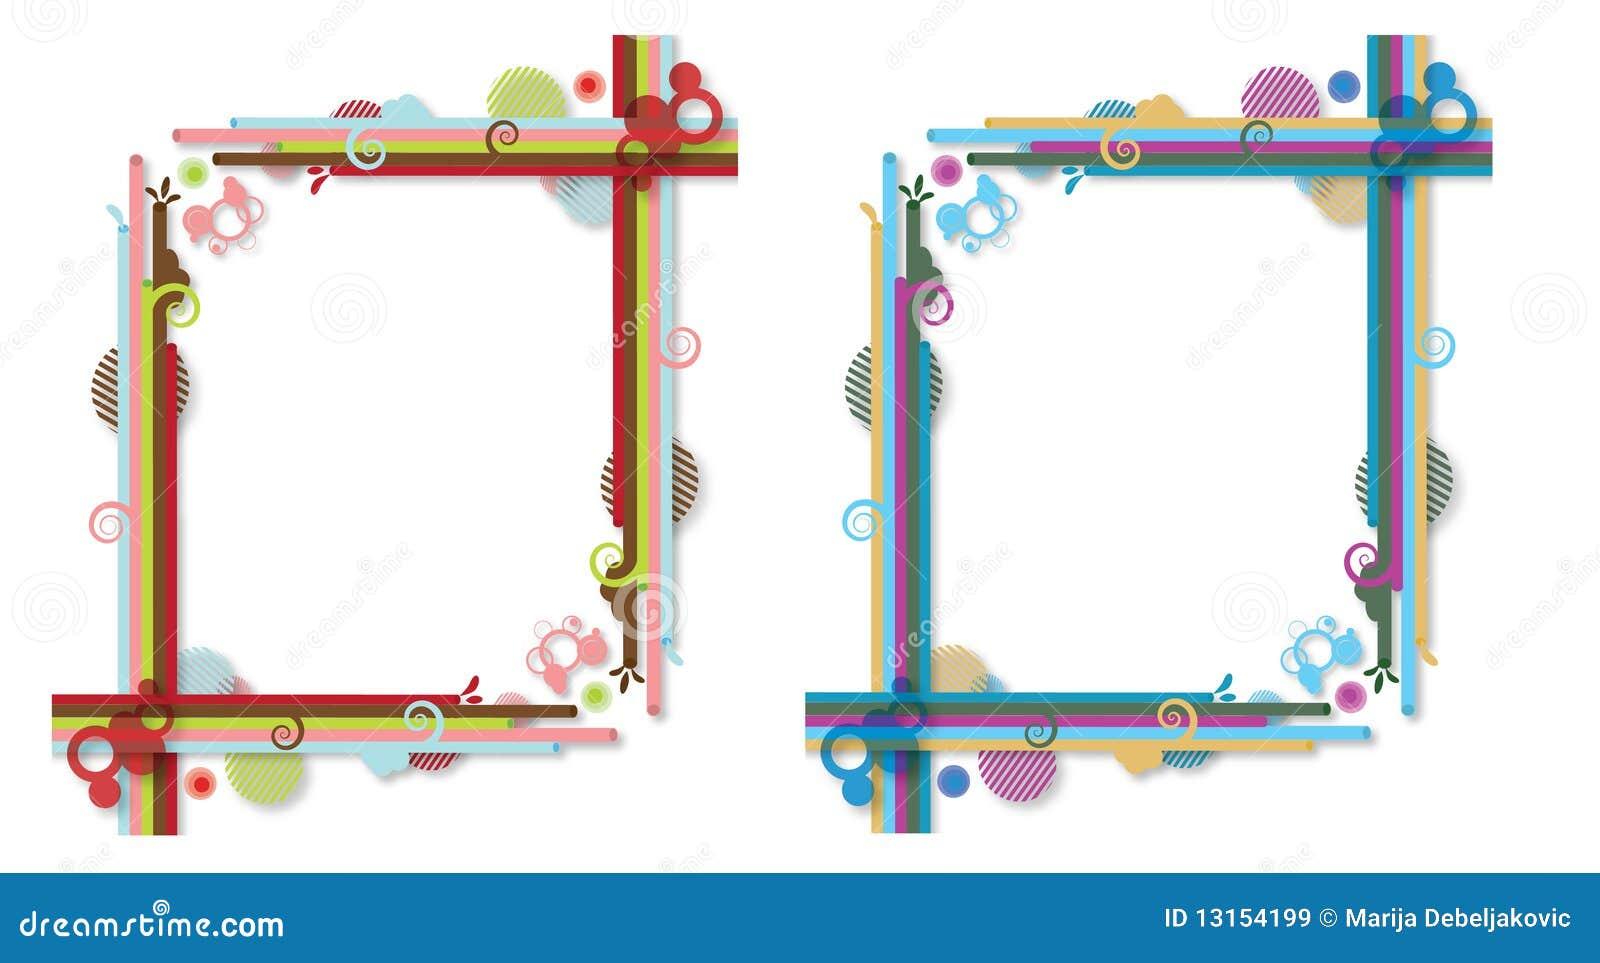 Vistoso Marcos Creativos Composición - Ideas de Arte Enmarcado ...